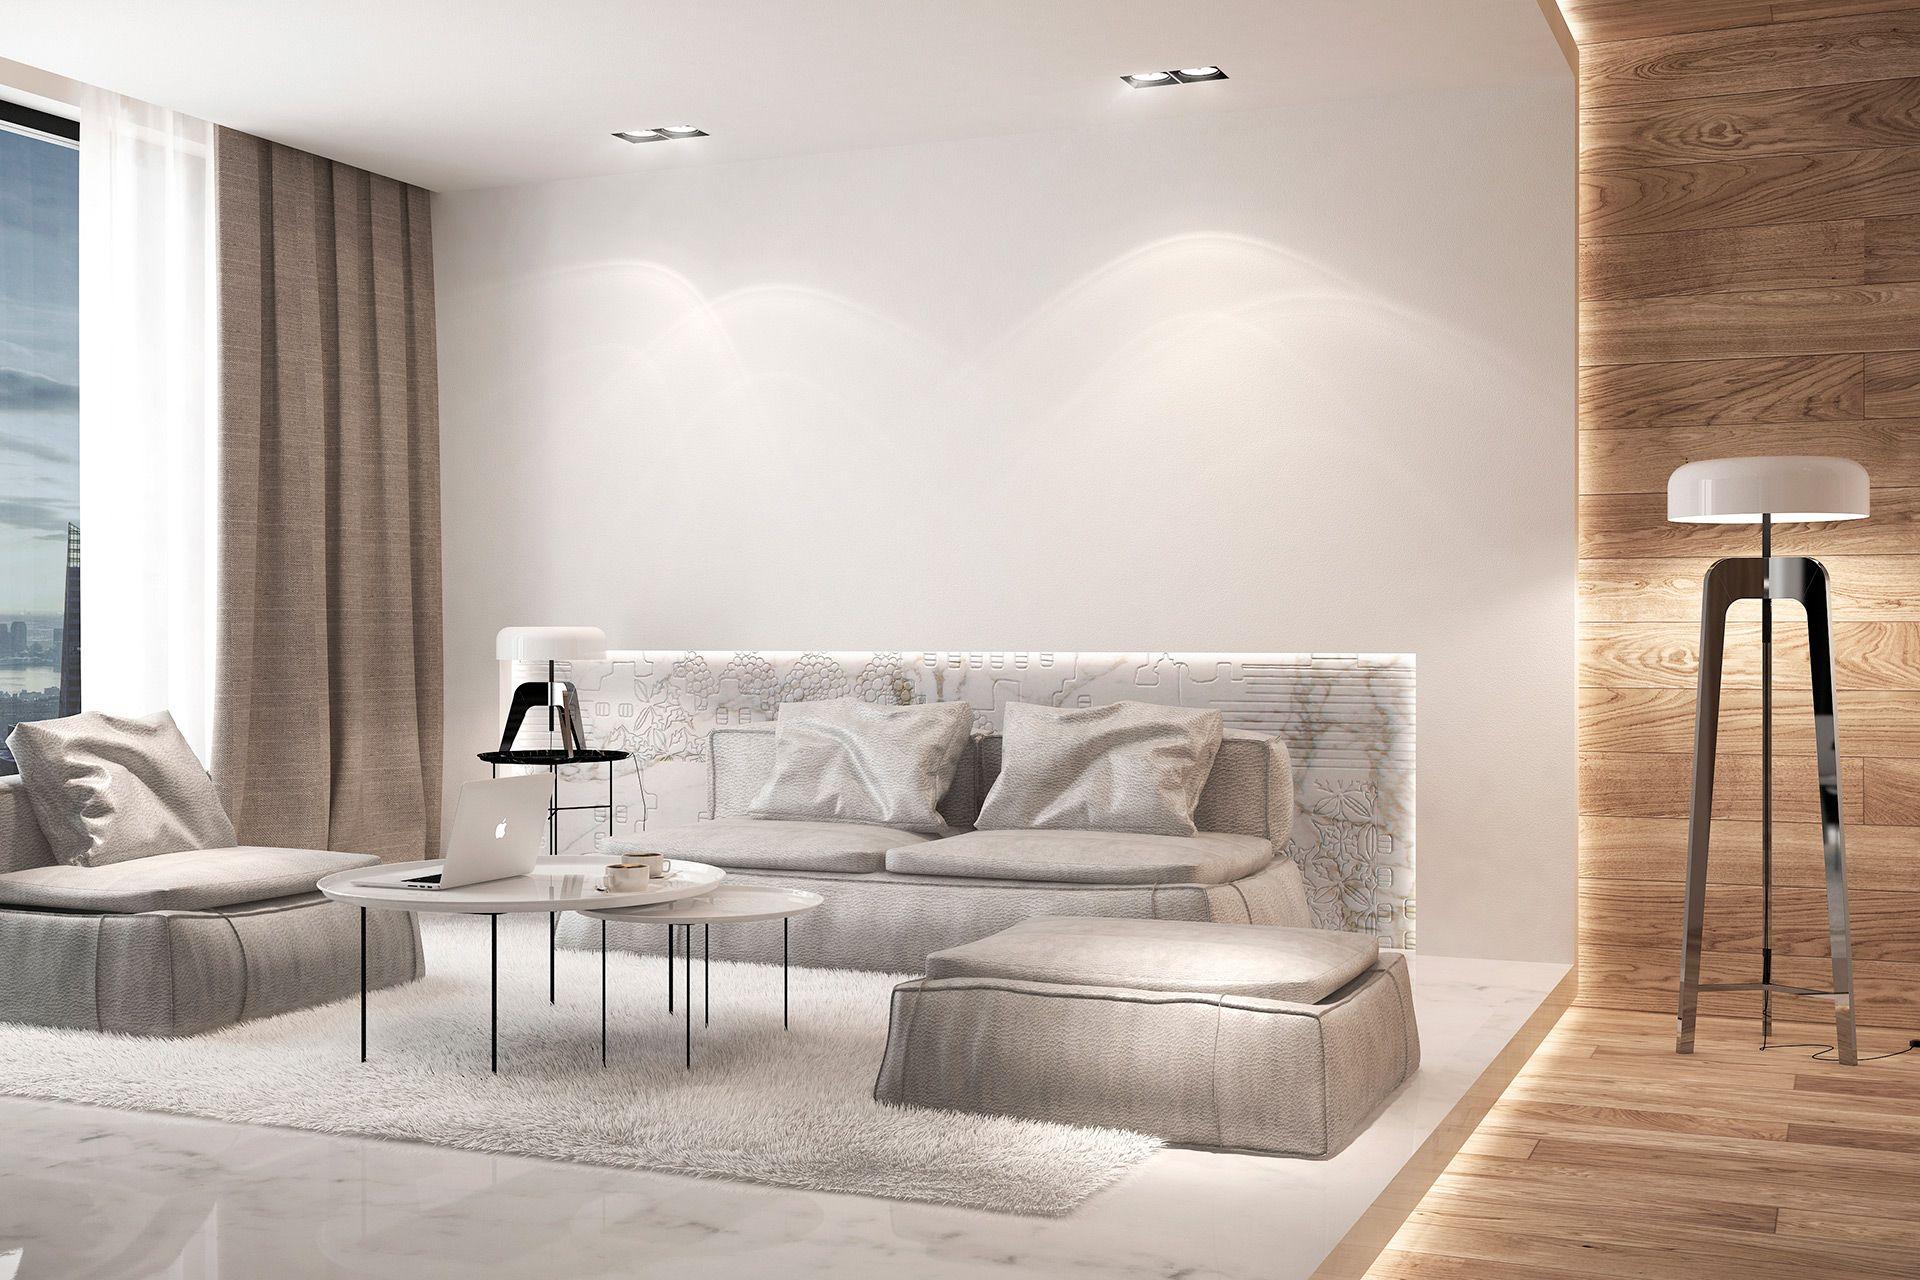 Hotel Room Interior Luxury Hotel Interior Luxury Interior Design